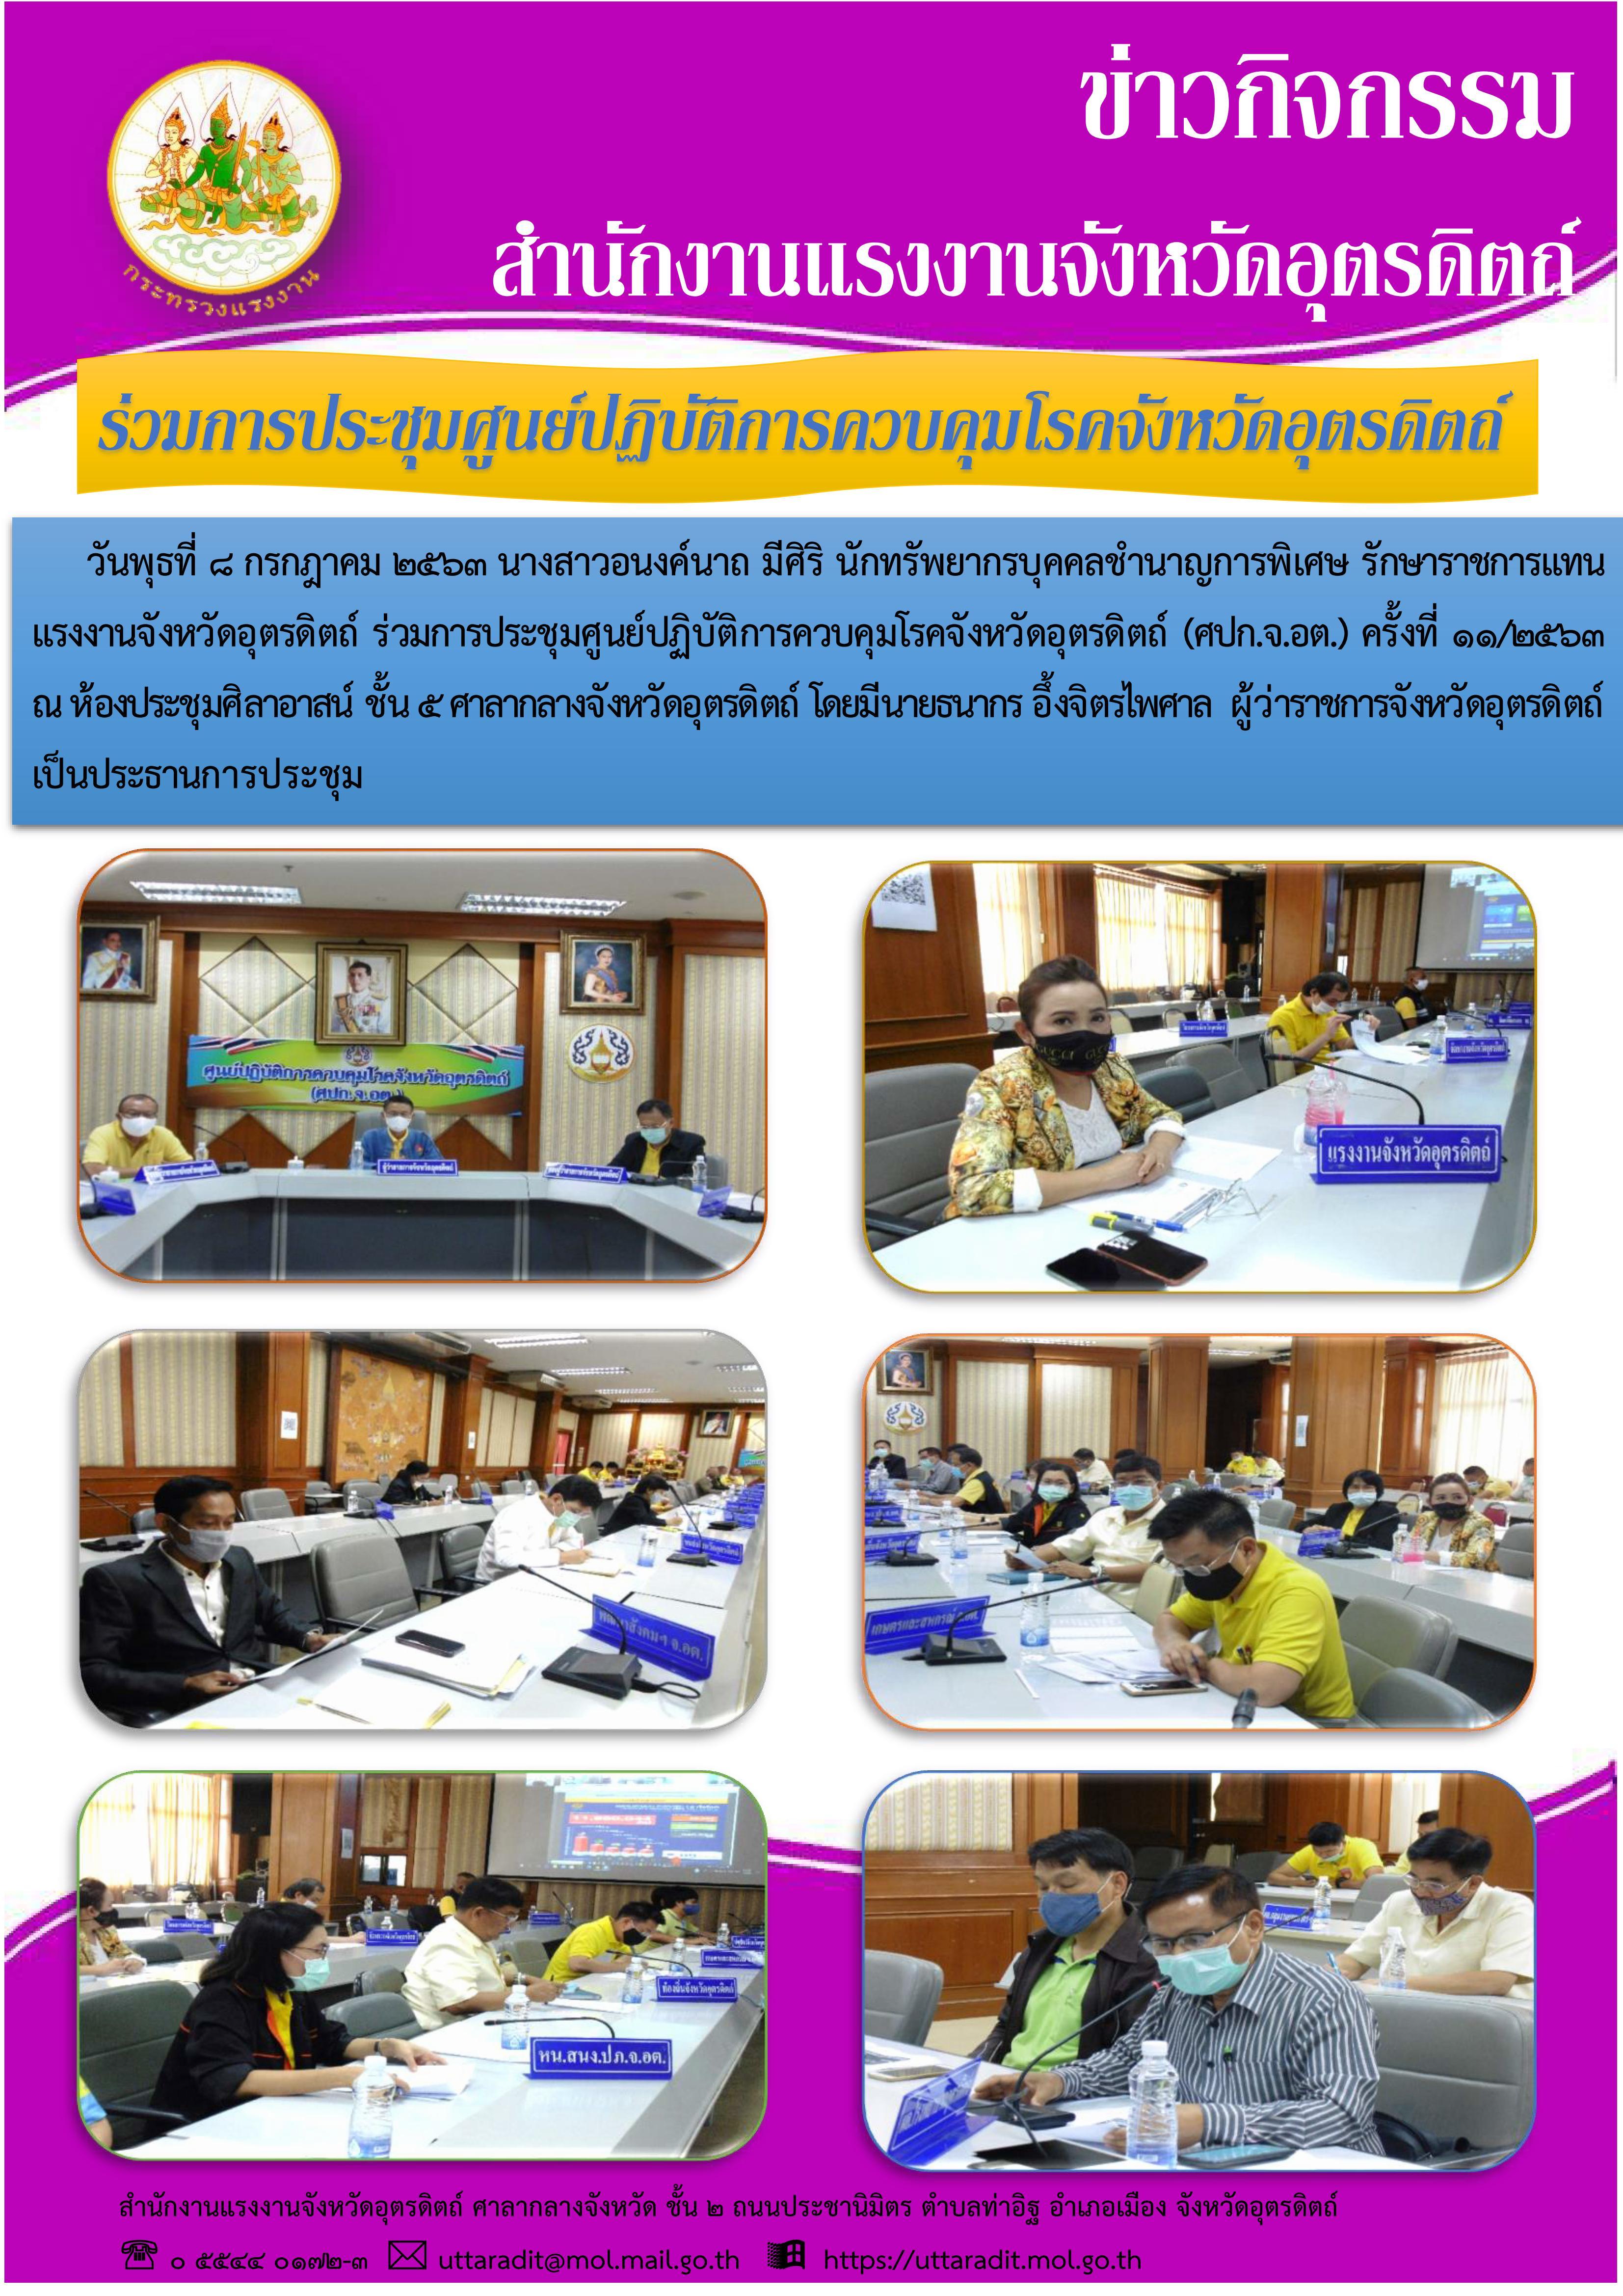 ร่วมการประชุมศูนย์ปฏิบัติการควบคุมโรคจังหวัดอุตรดิตถ์ ครั้งที่ 11/2563